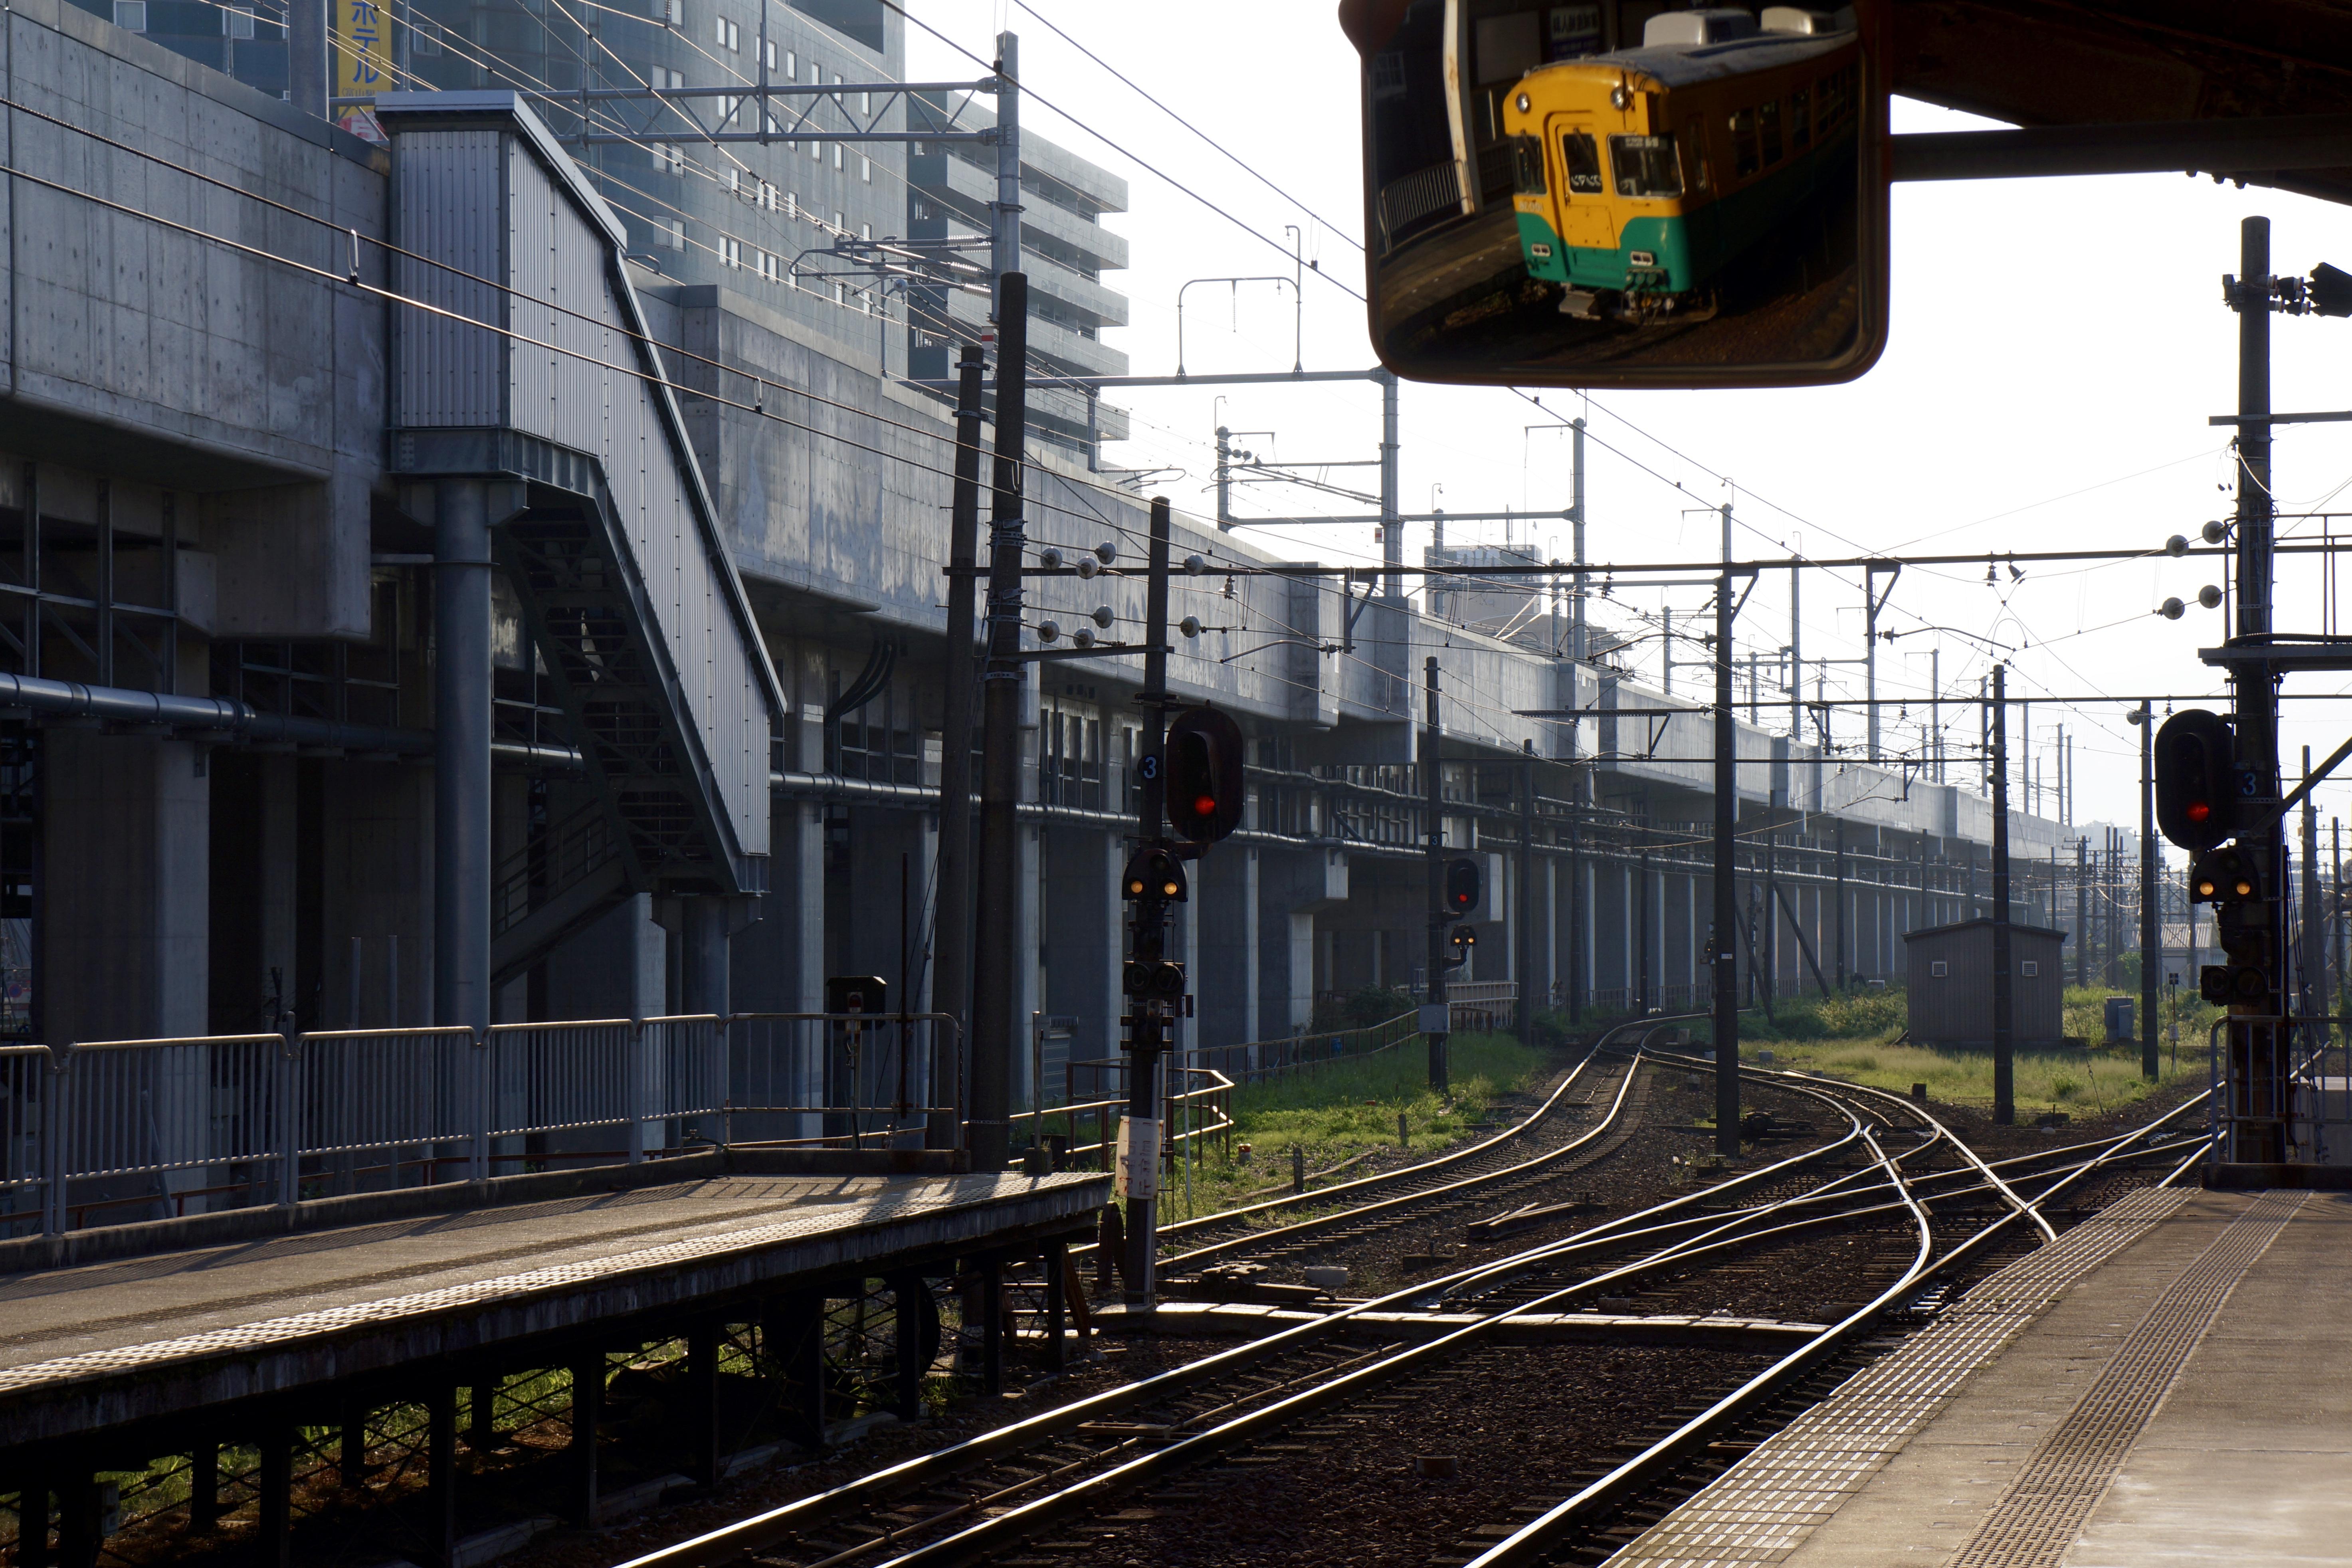 電鉄富山駅 / dentetsu-toyama station photo